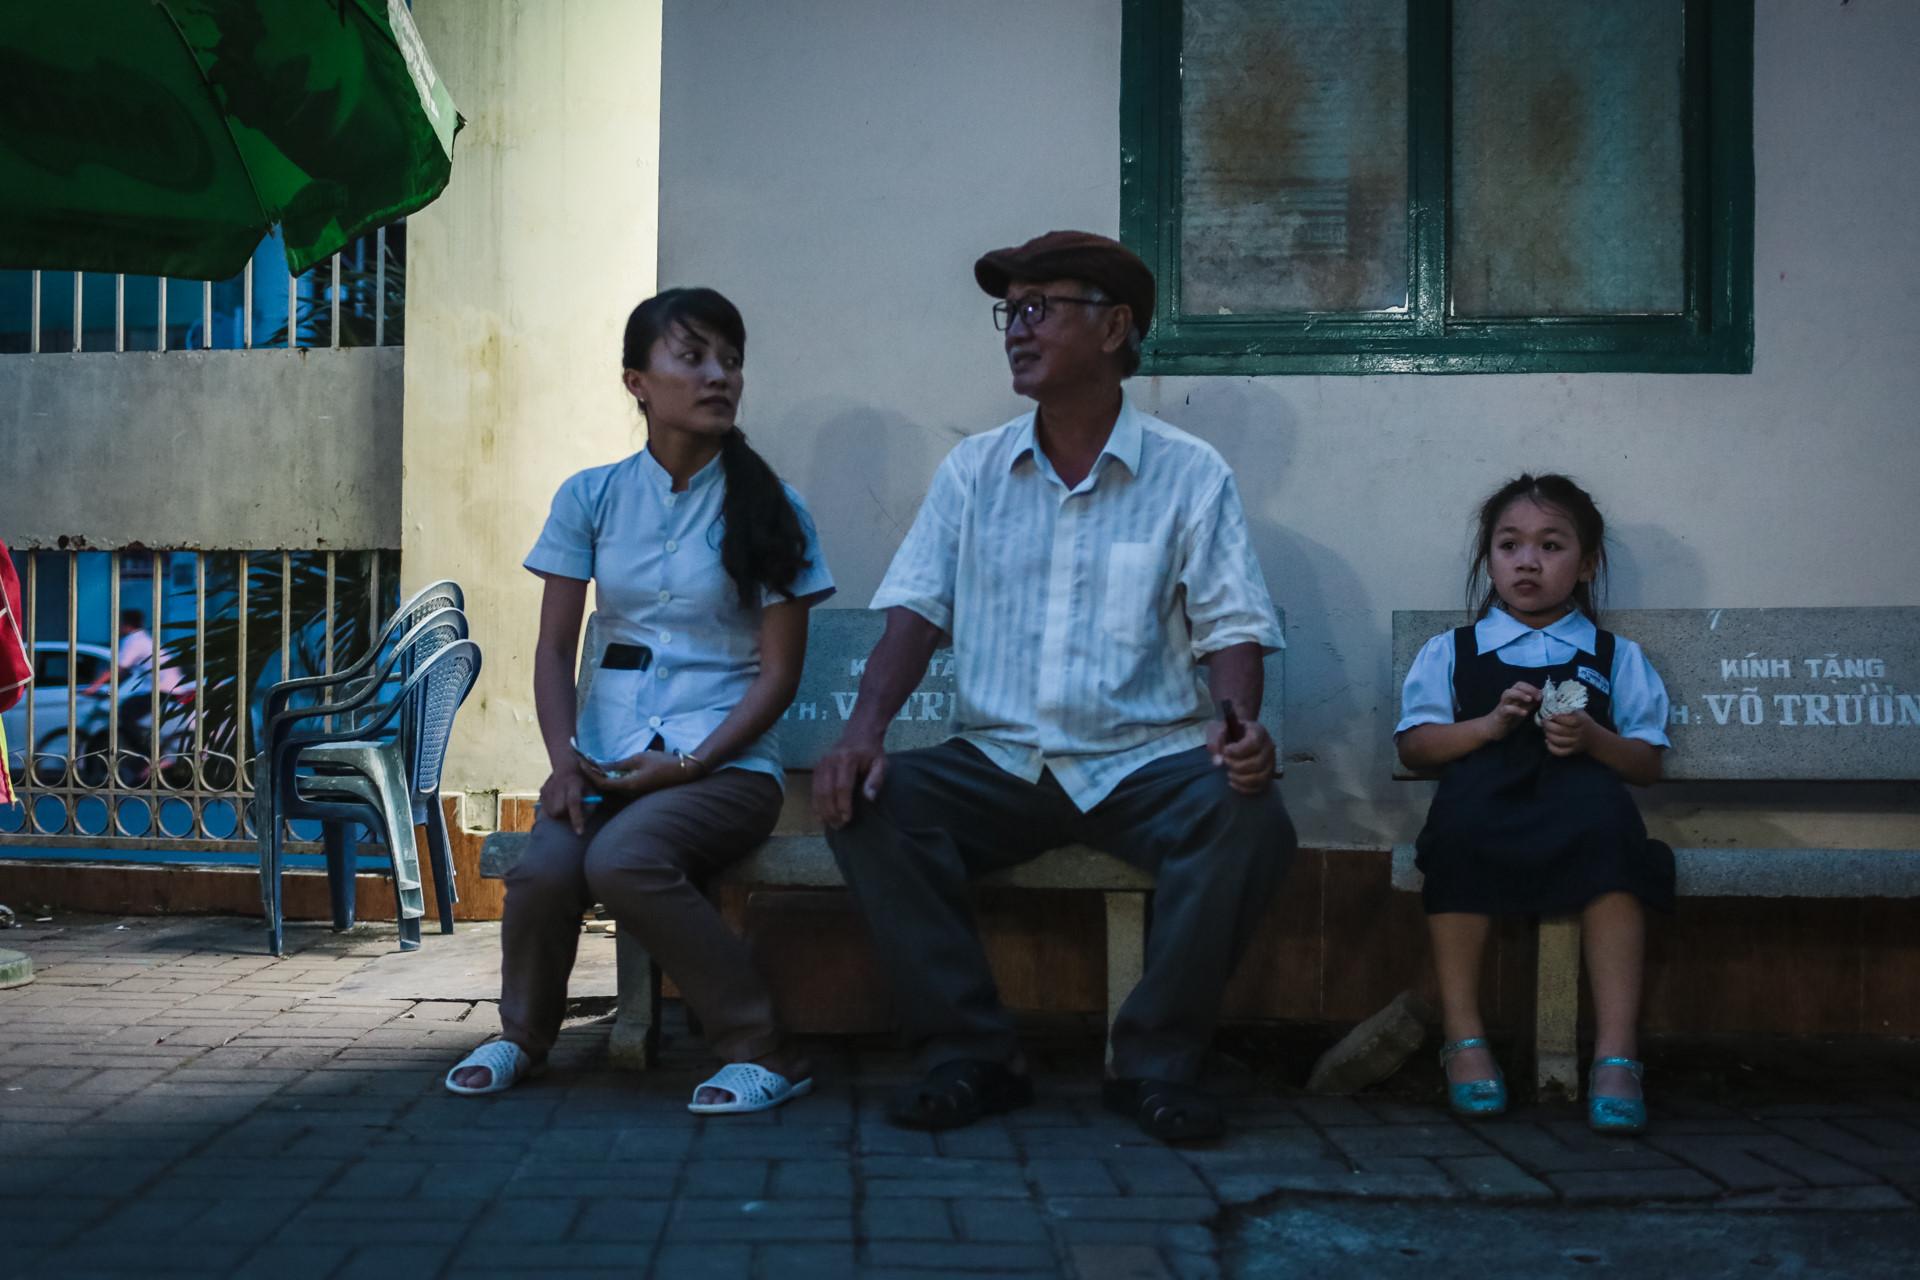 Hai ông cháu ngồi chờ trong ghế đá tại sân trường.